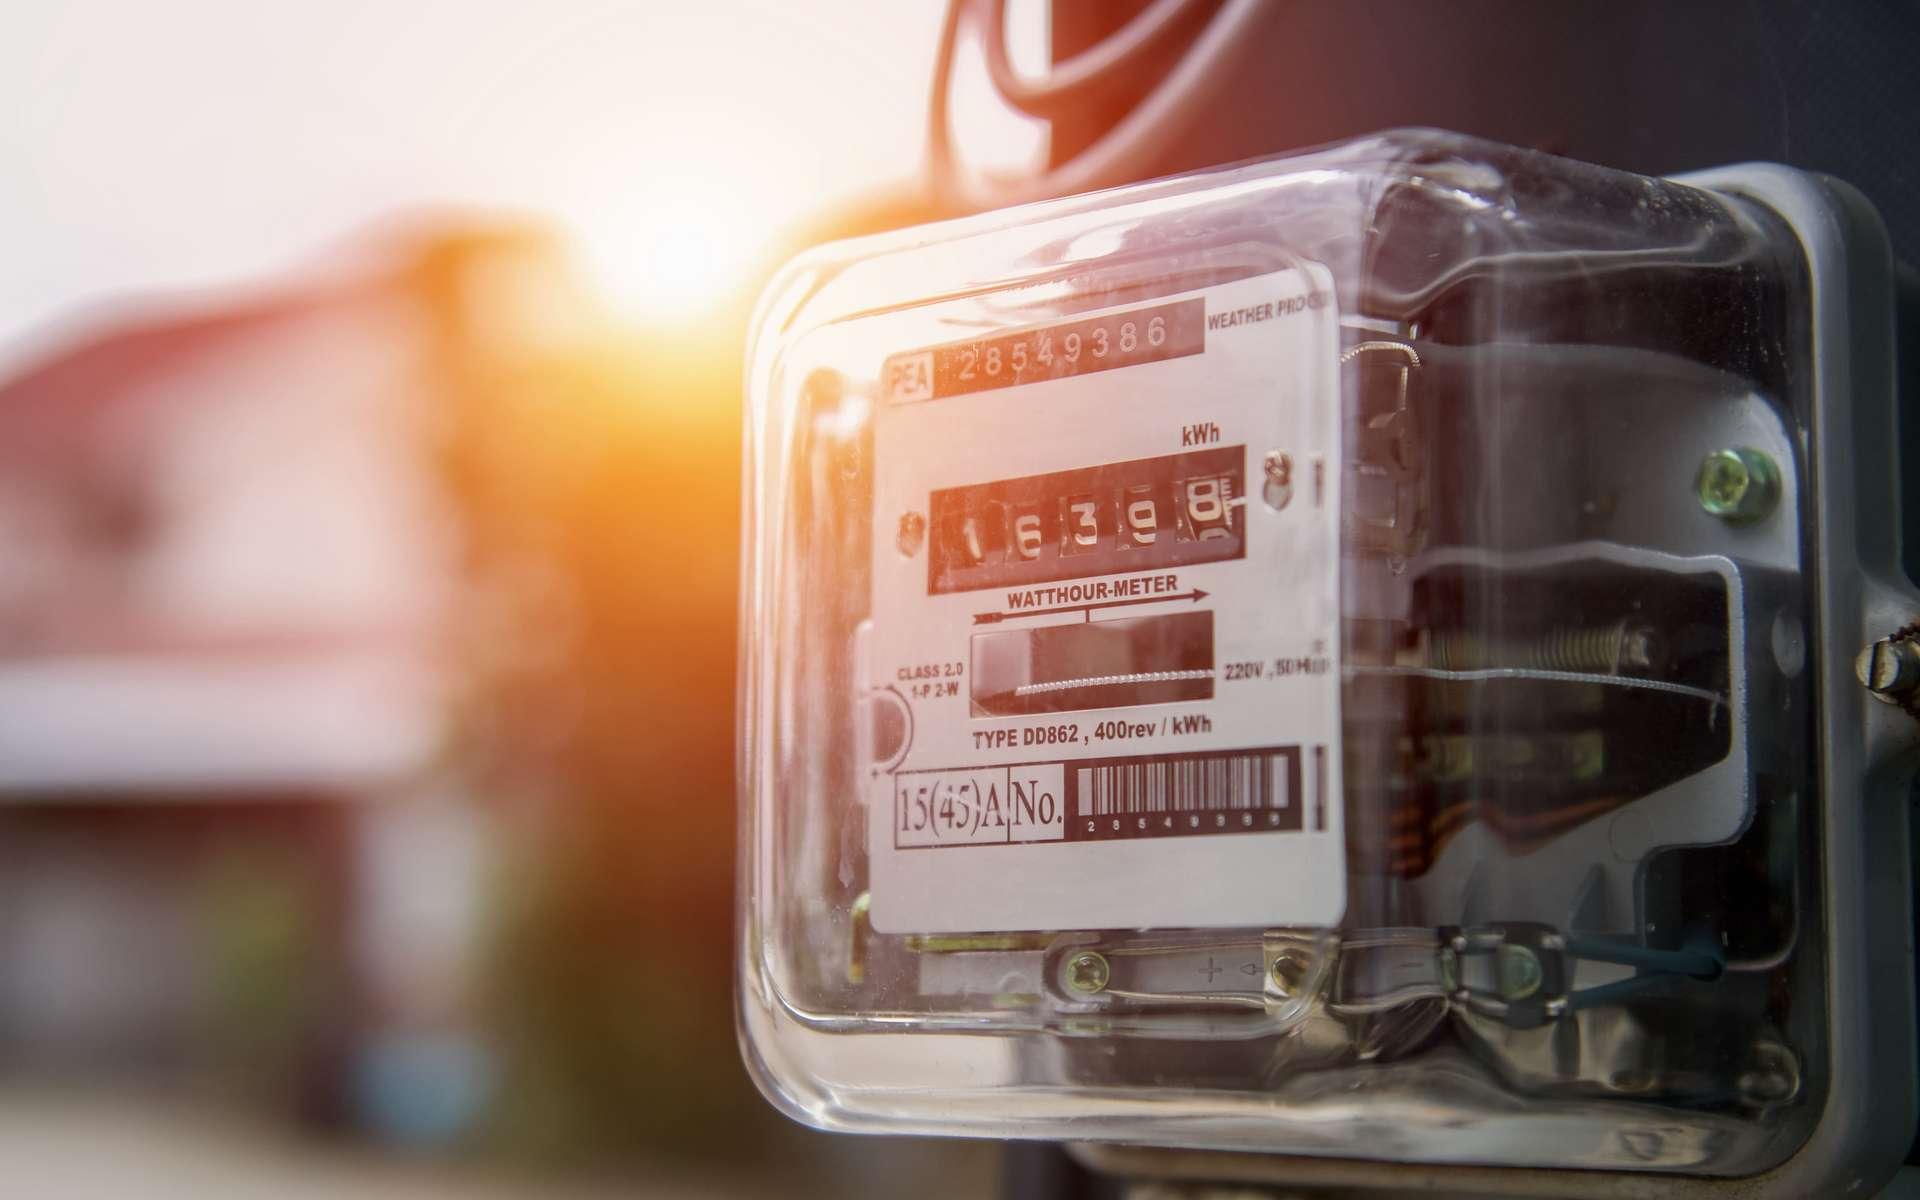 Le compteur d'électricité mesure la consommation d'une installation en kWh. © lovelyday12, Adobe Stock